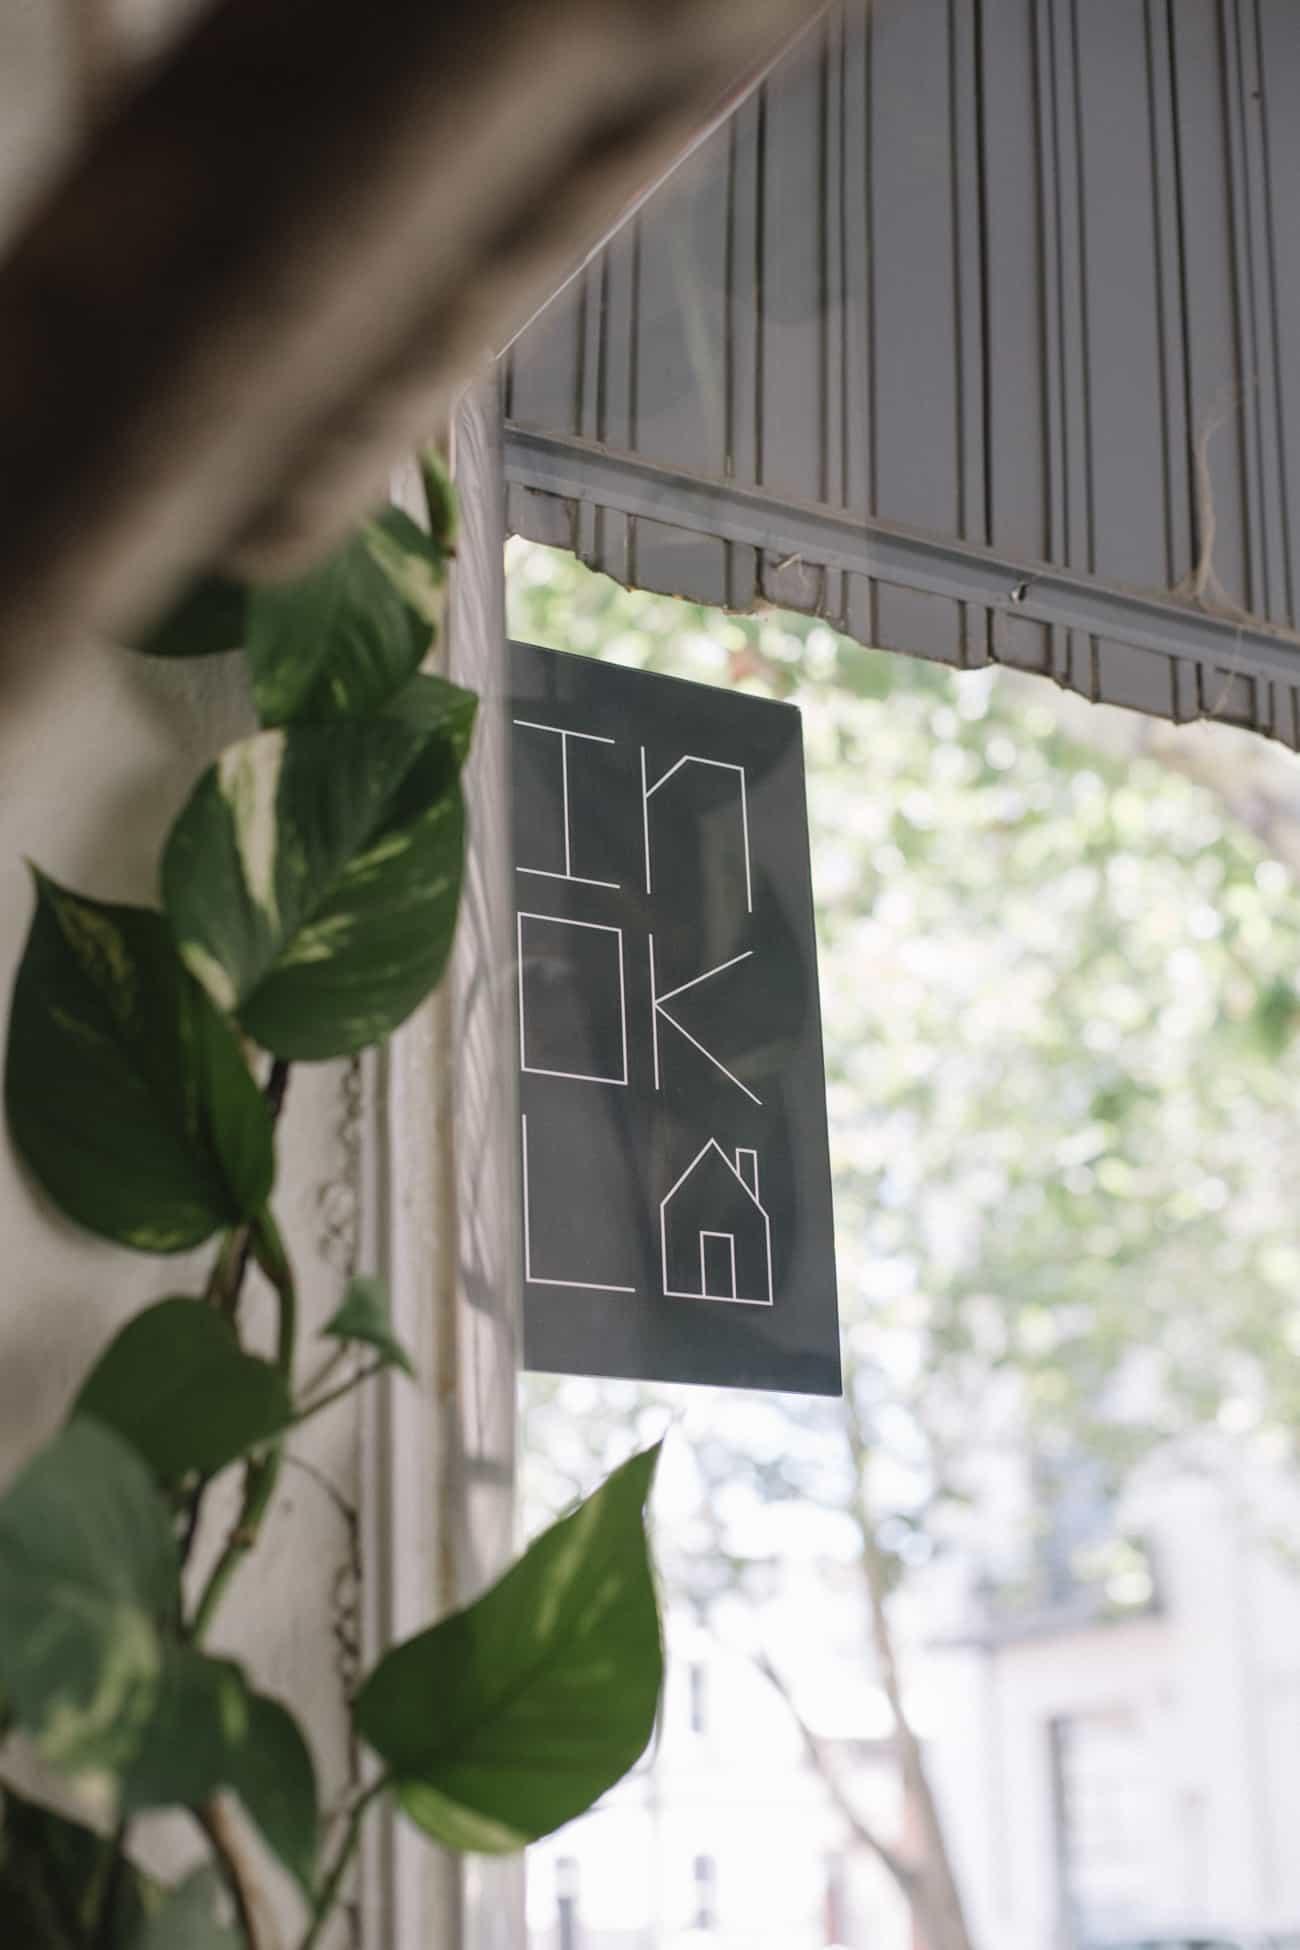 Kinlake-Melbourne-Australia-City-Lifestyle-2-7414